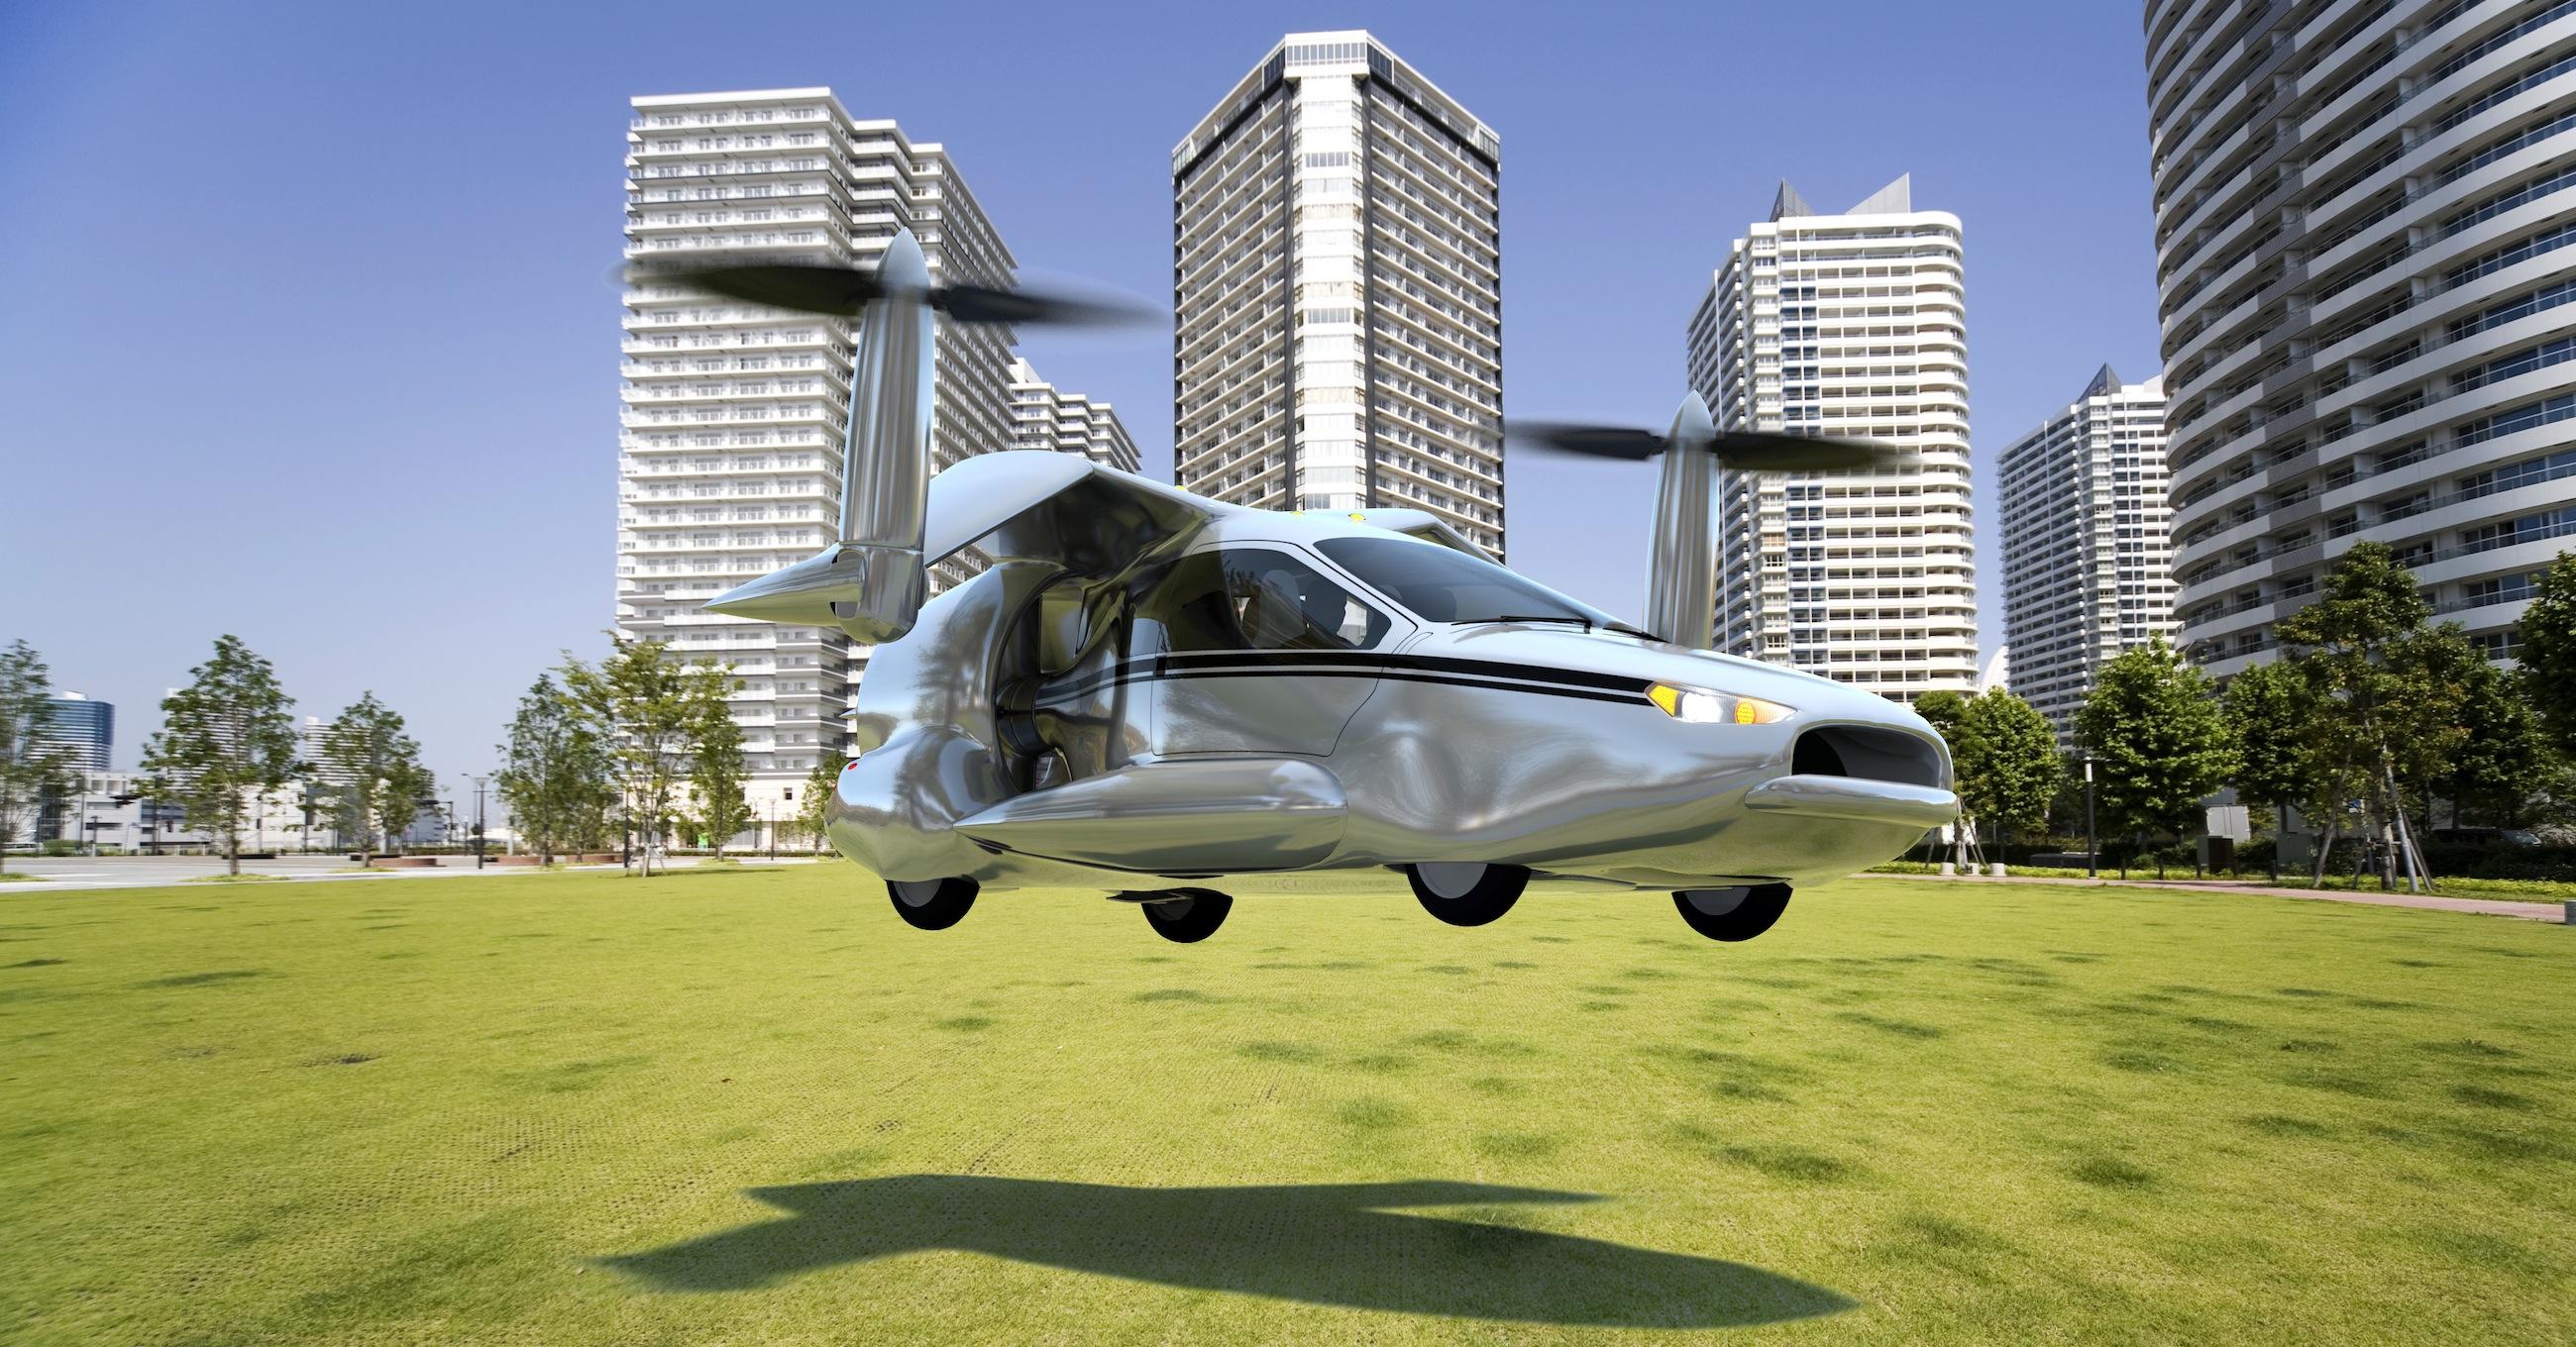 Fahrender Kippflügler TF-X: Nach dem Start kippen die Rotoren nach vorne. Der TF-X fliegt dann wie ein gewöhnliches Flugzeug.